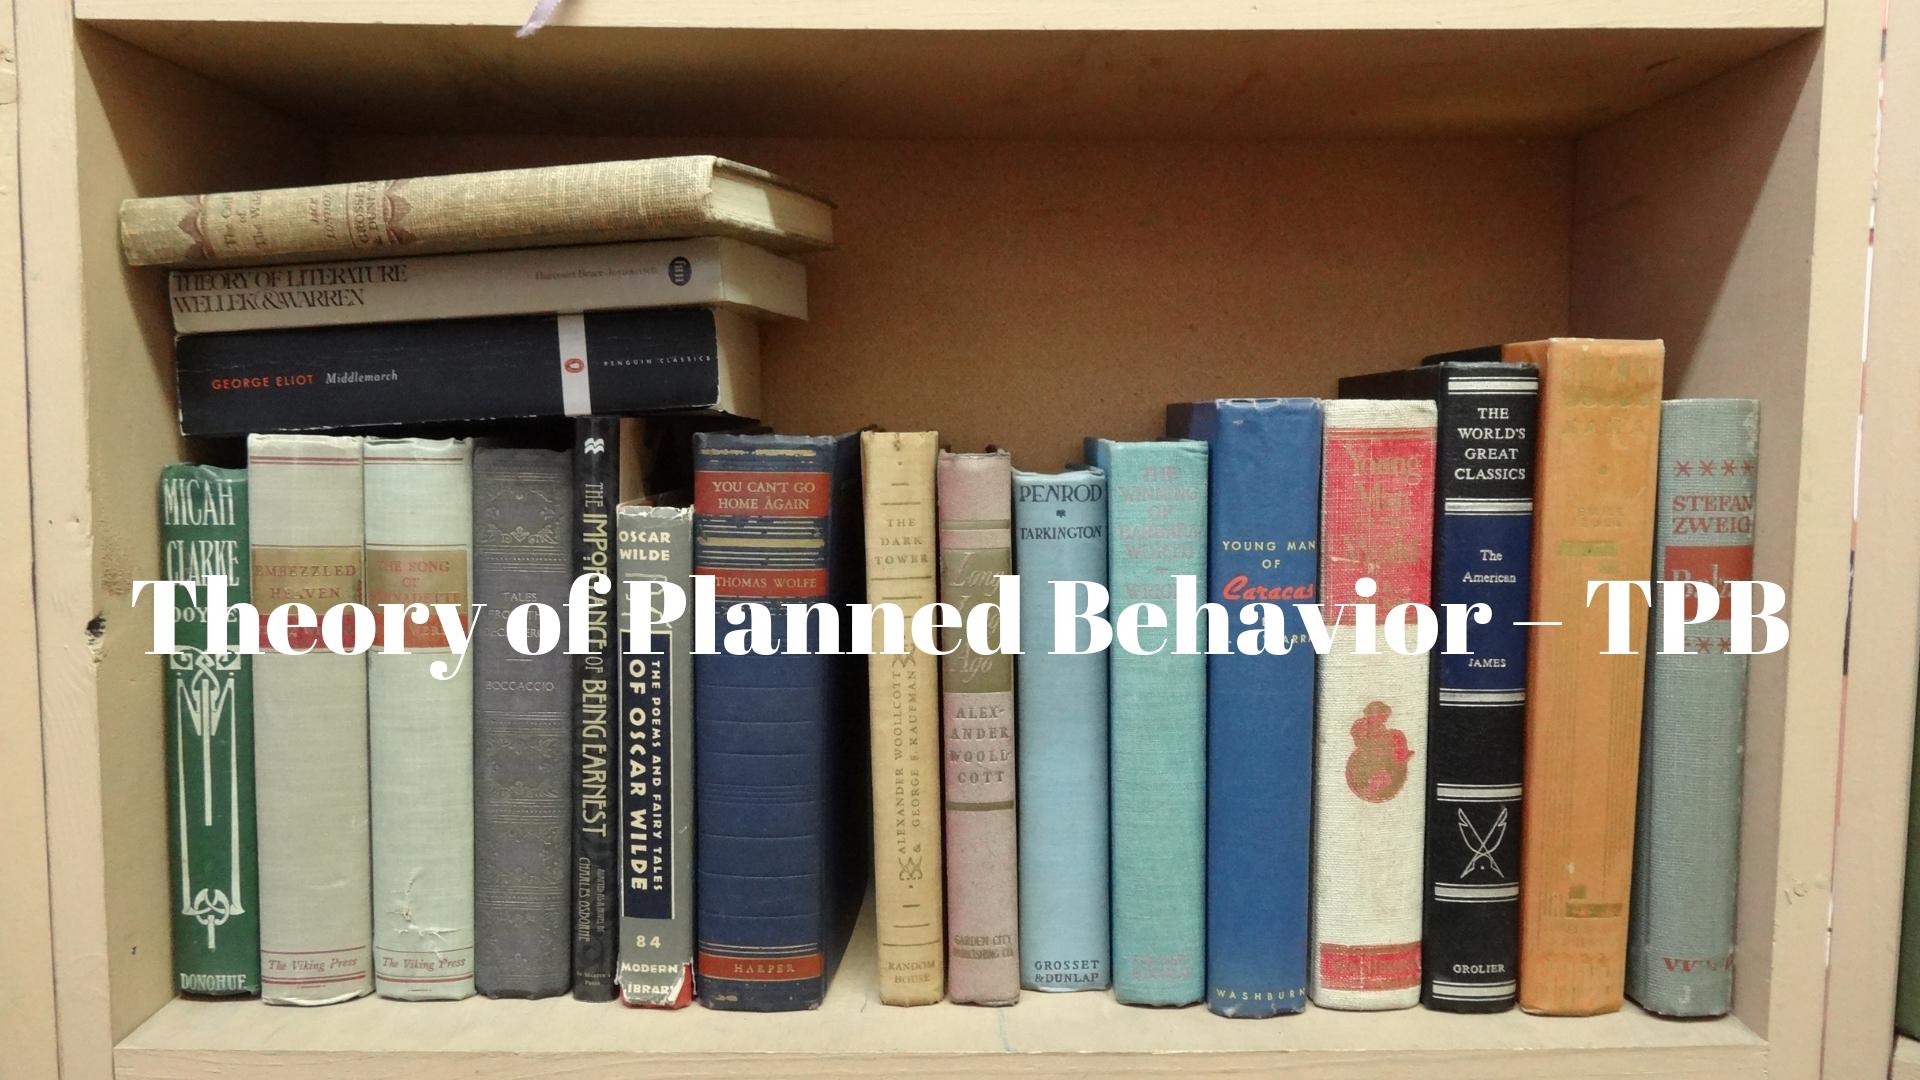 lý thuyết hành vi được hoạch định TPB